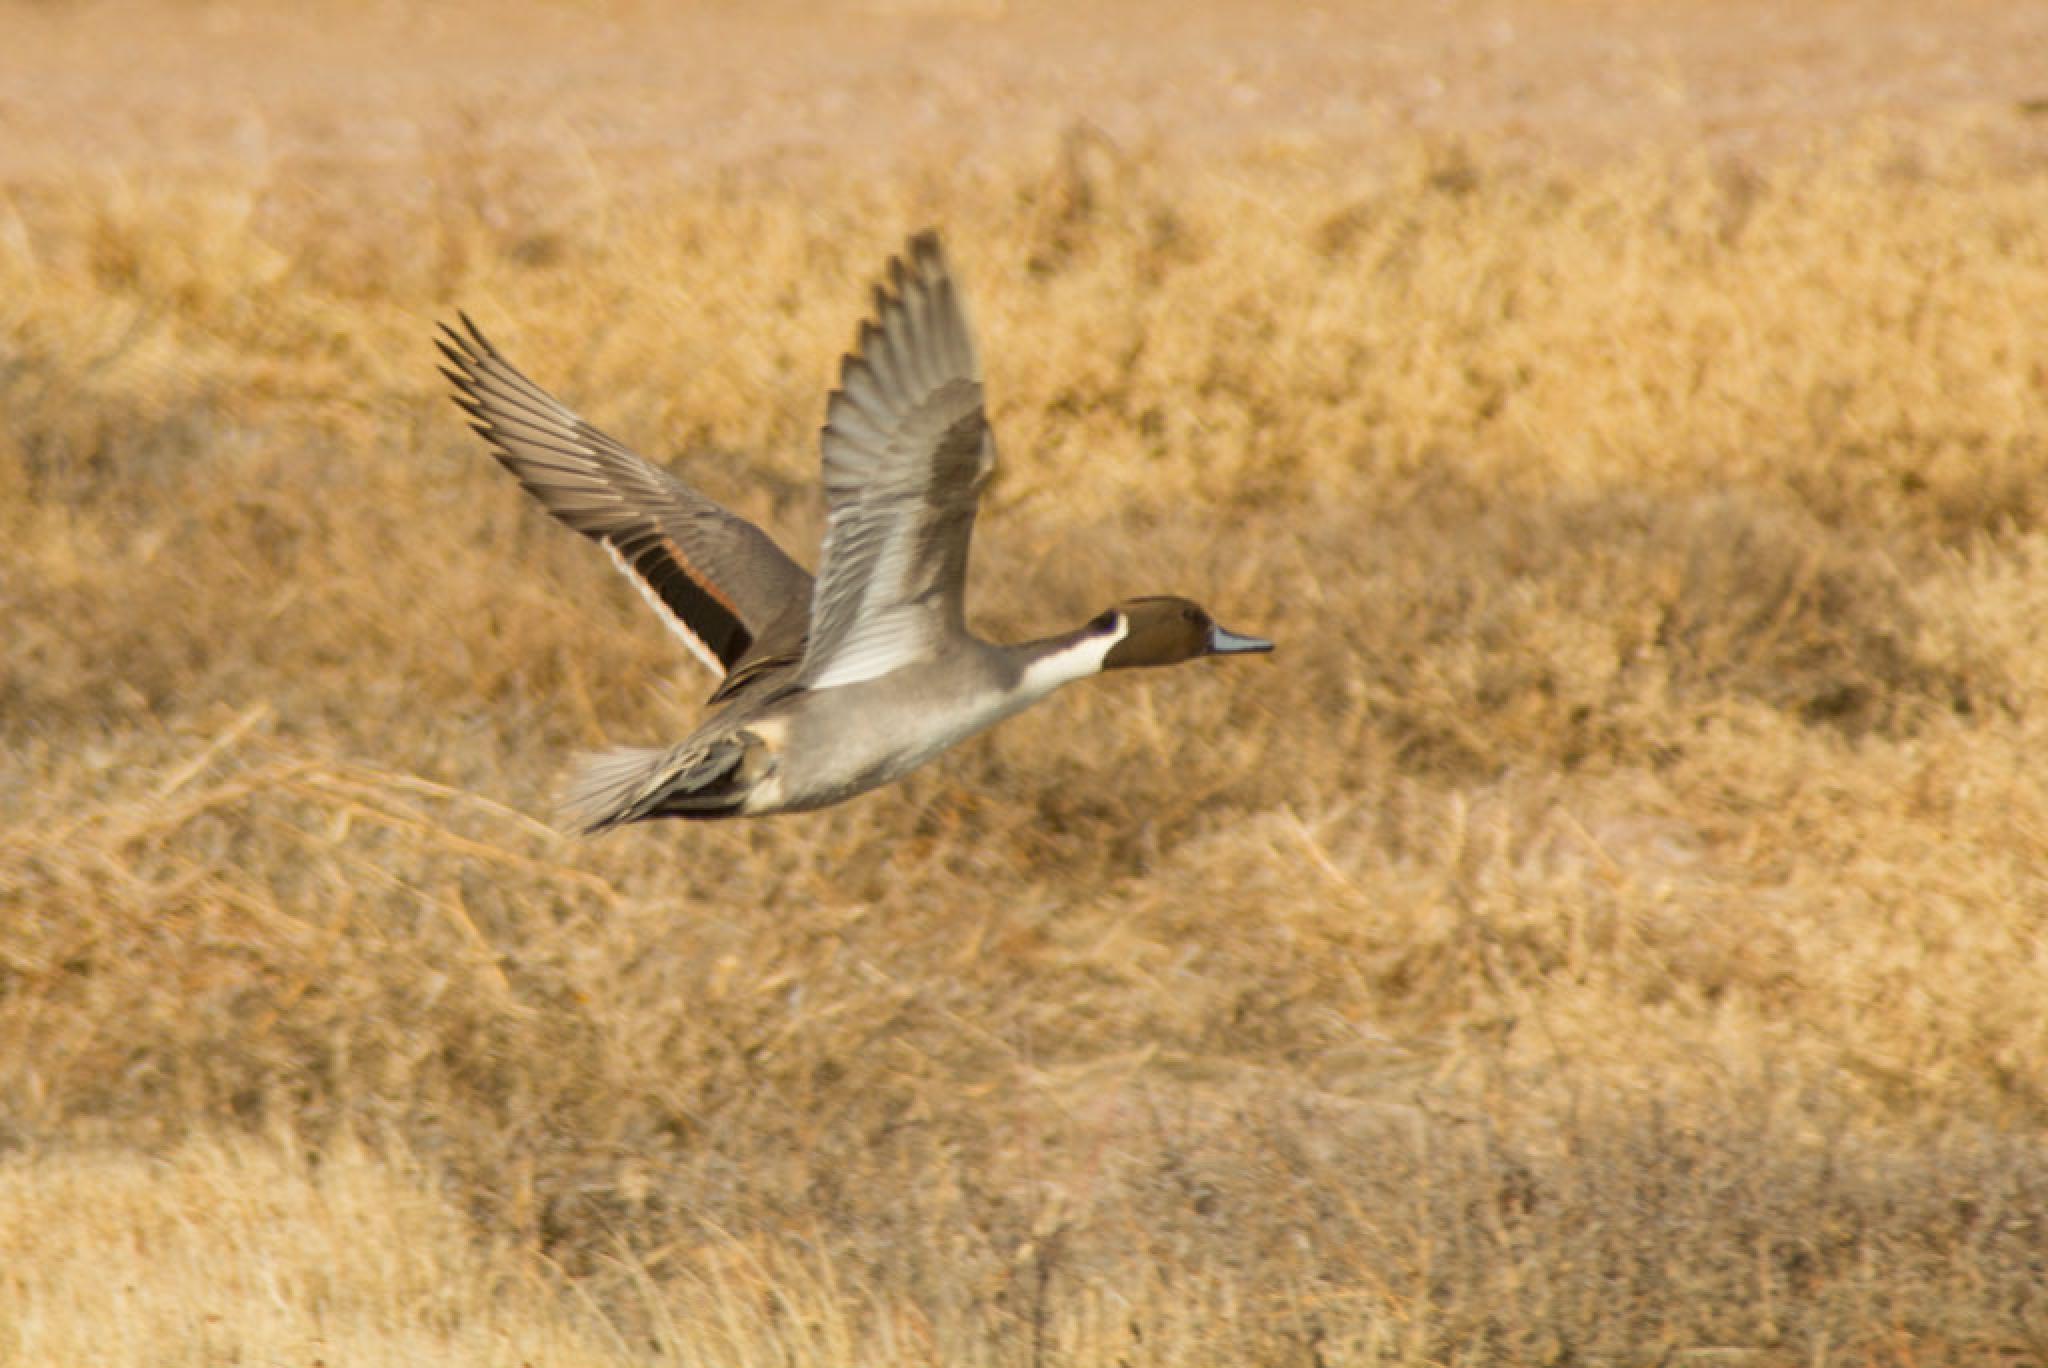 taking flight by marianne troia